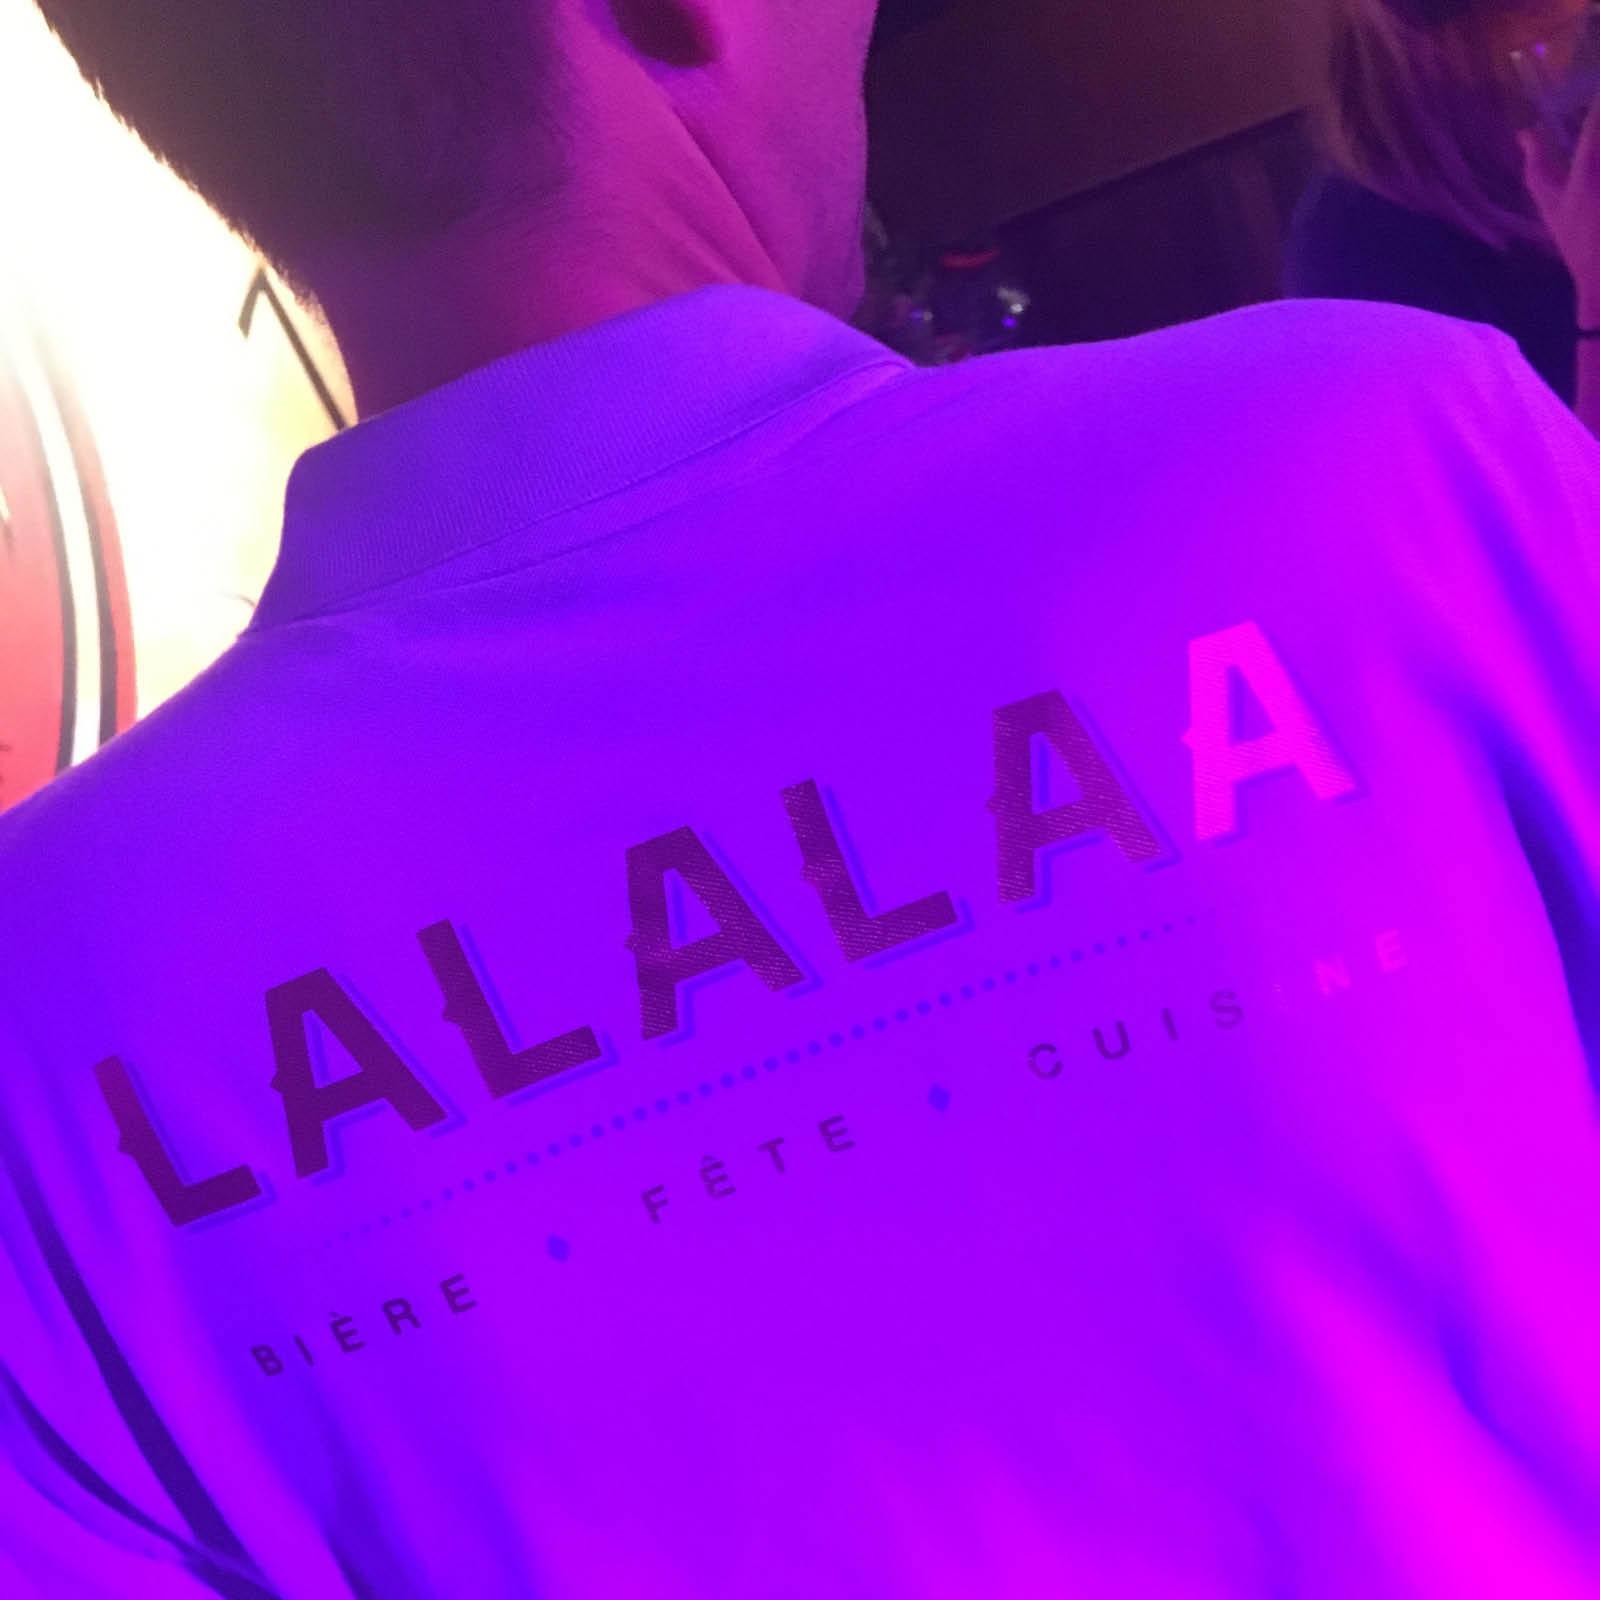 LALALAA3